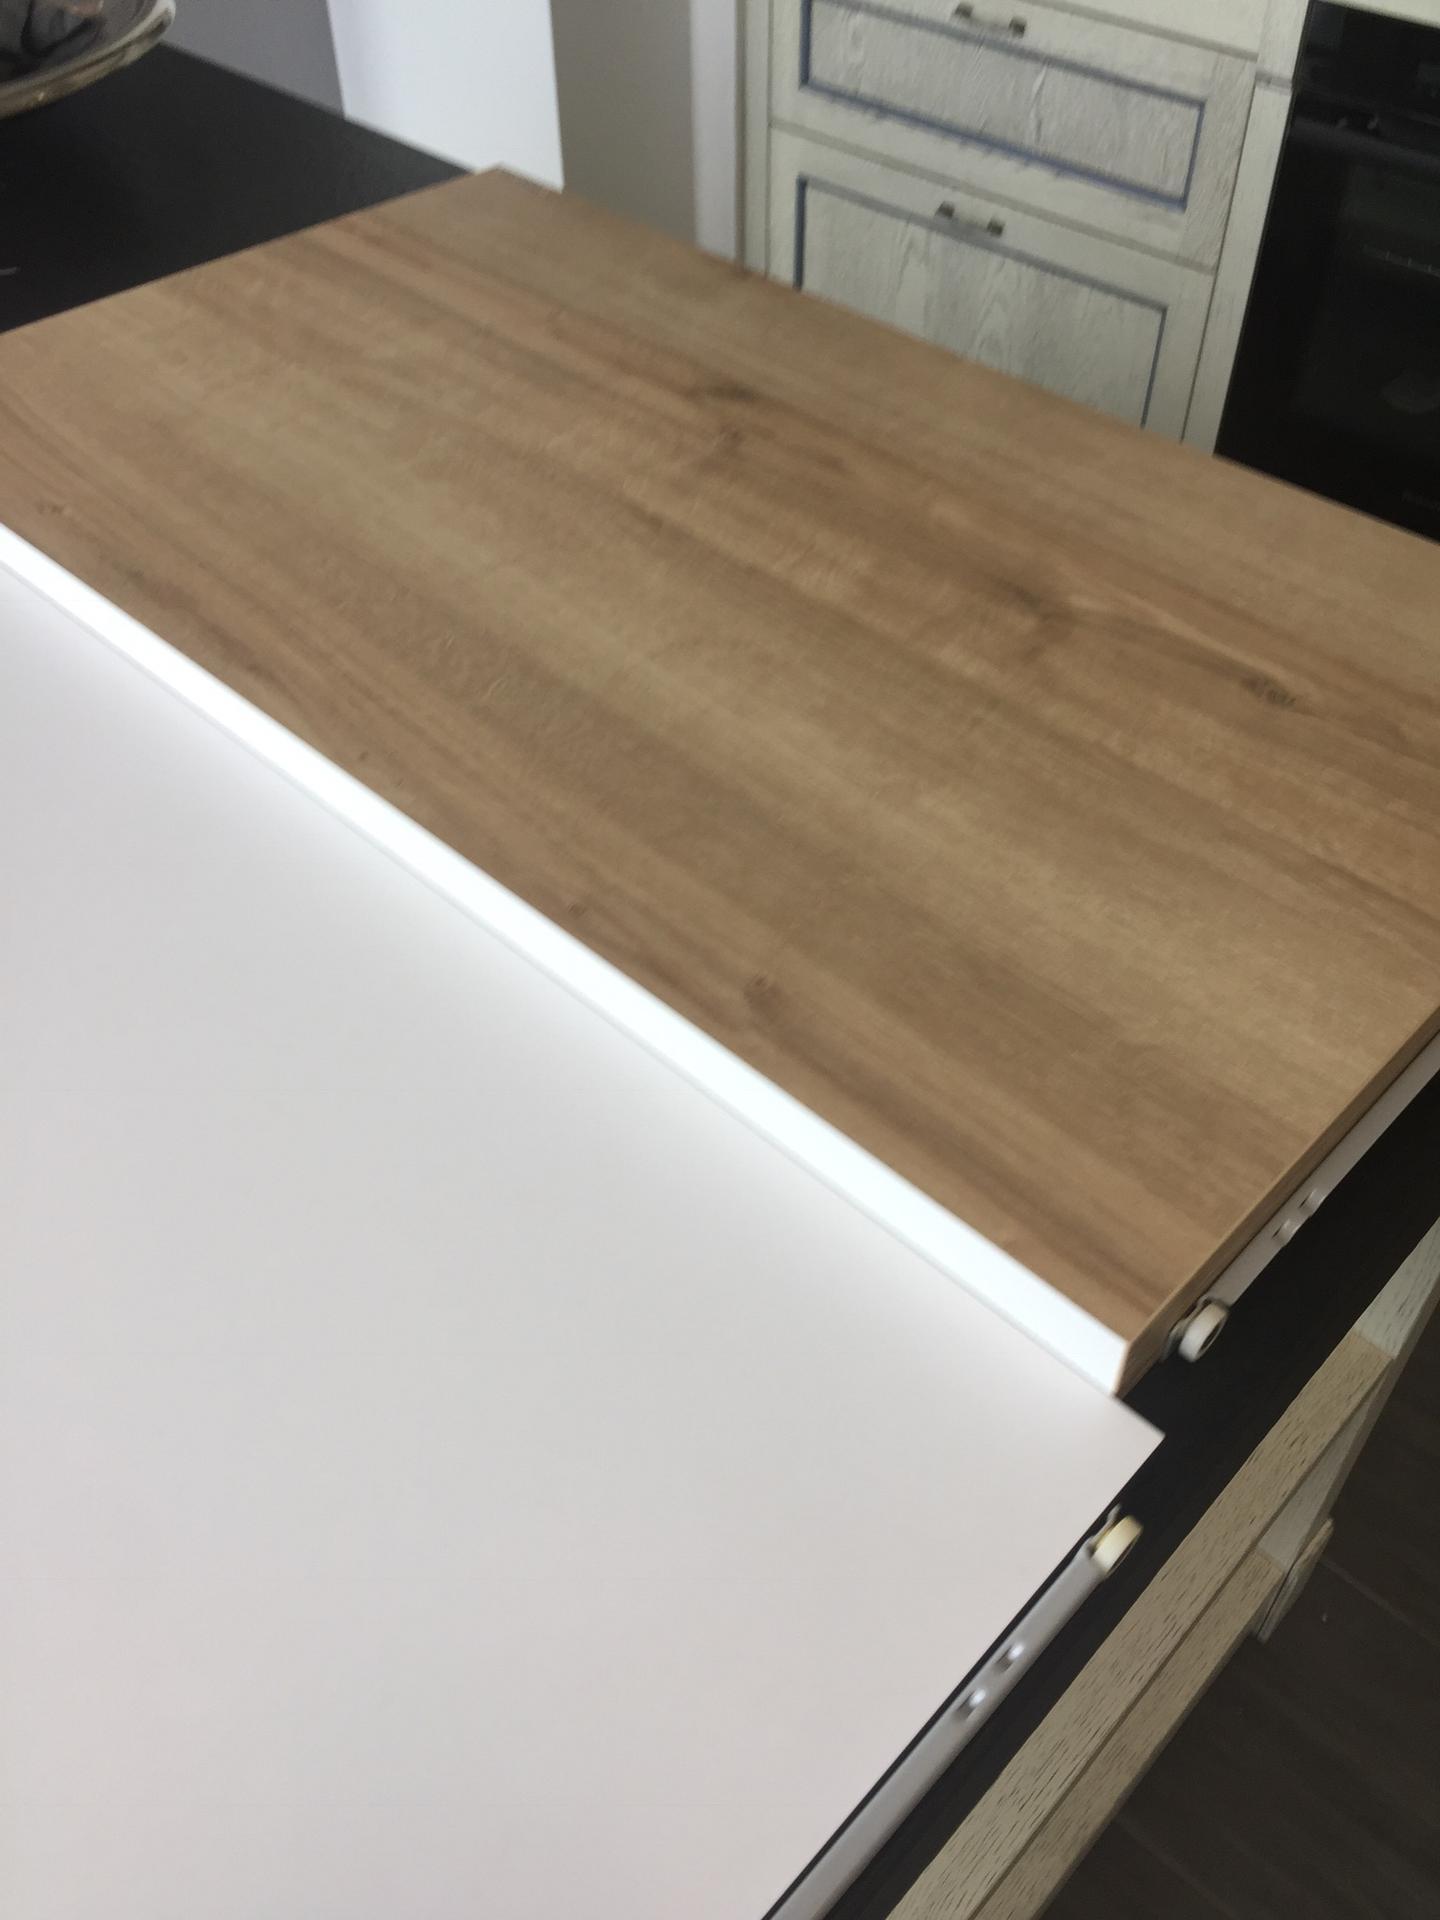 druha kuchyn od Schmidta ( finalni verze) - bily mat a vintage oak